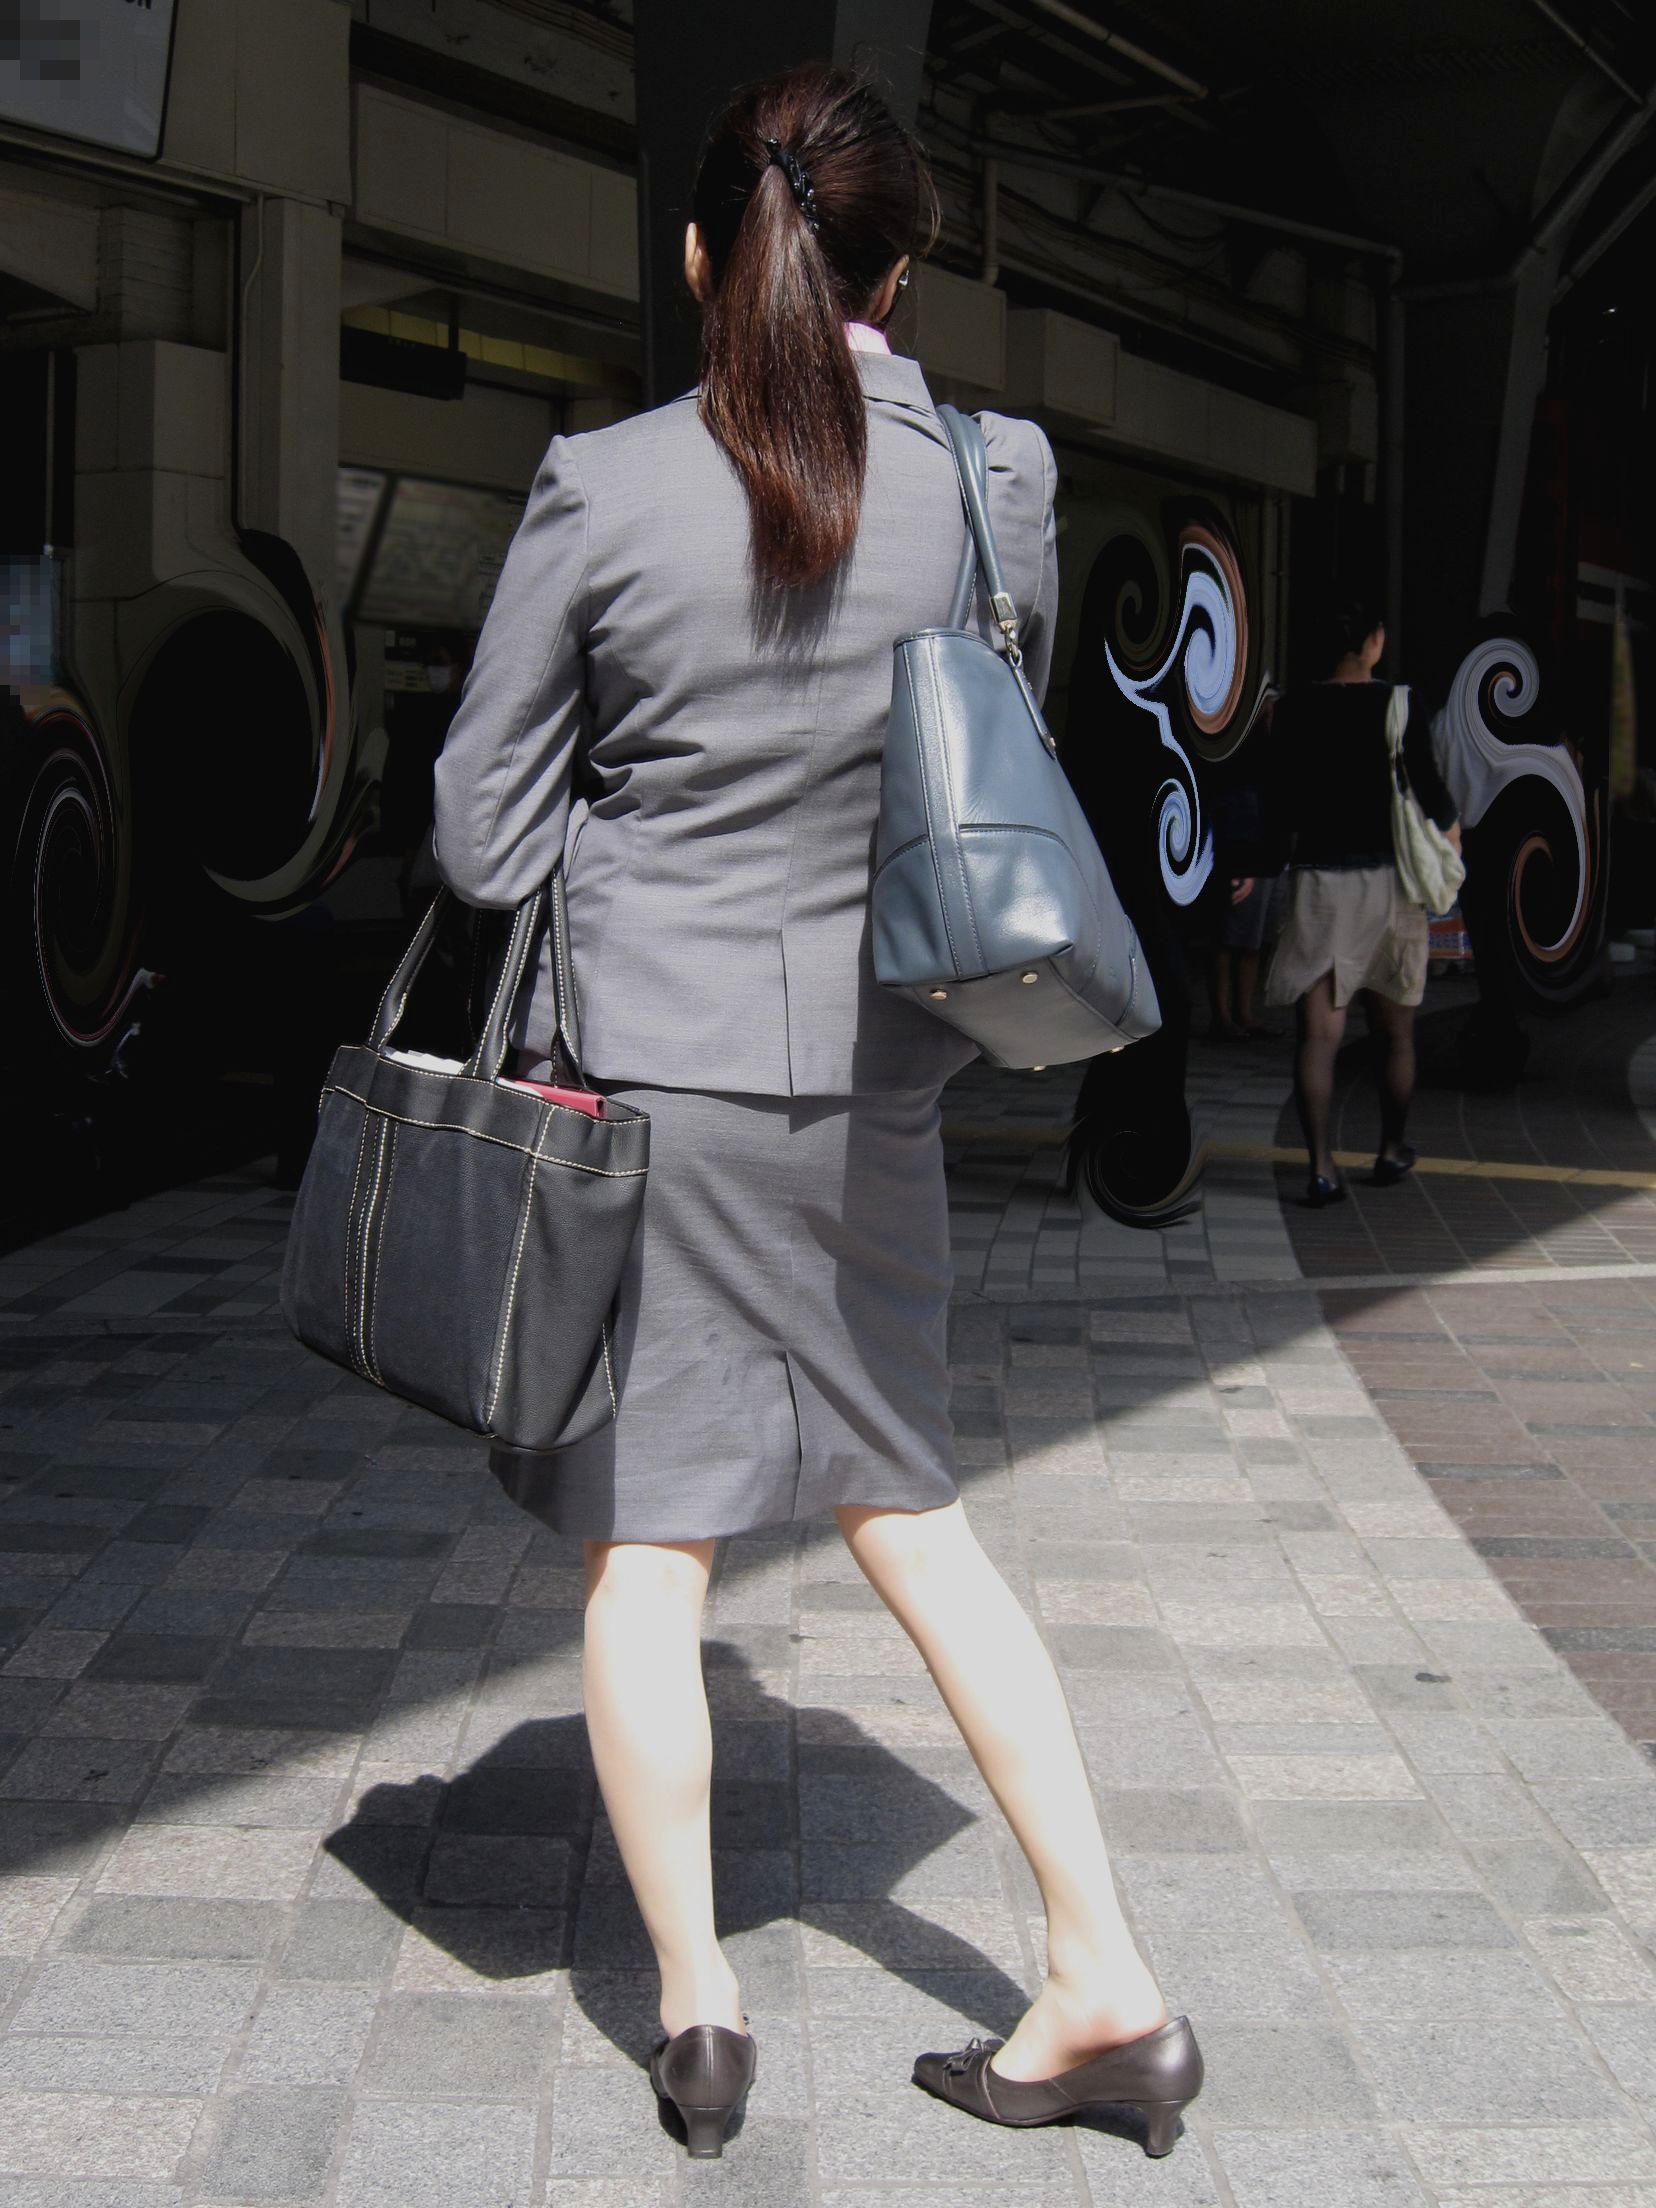 OLがタイトスカートで取引先へ急ぐ姿の盗撮エロ画像6枚目